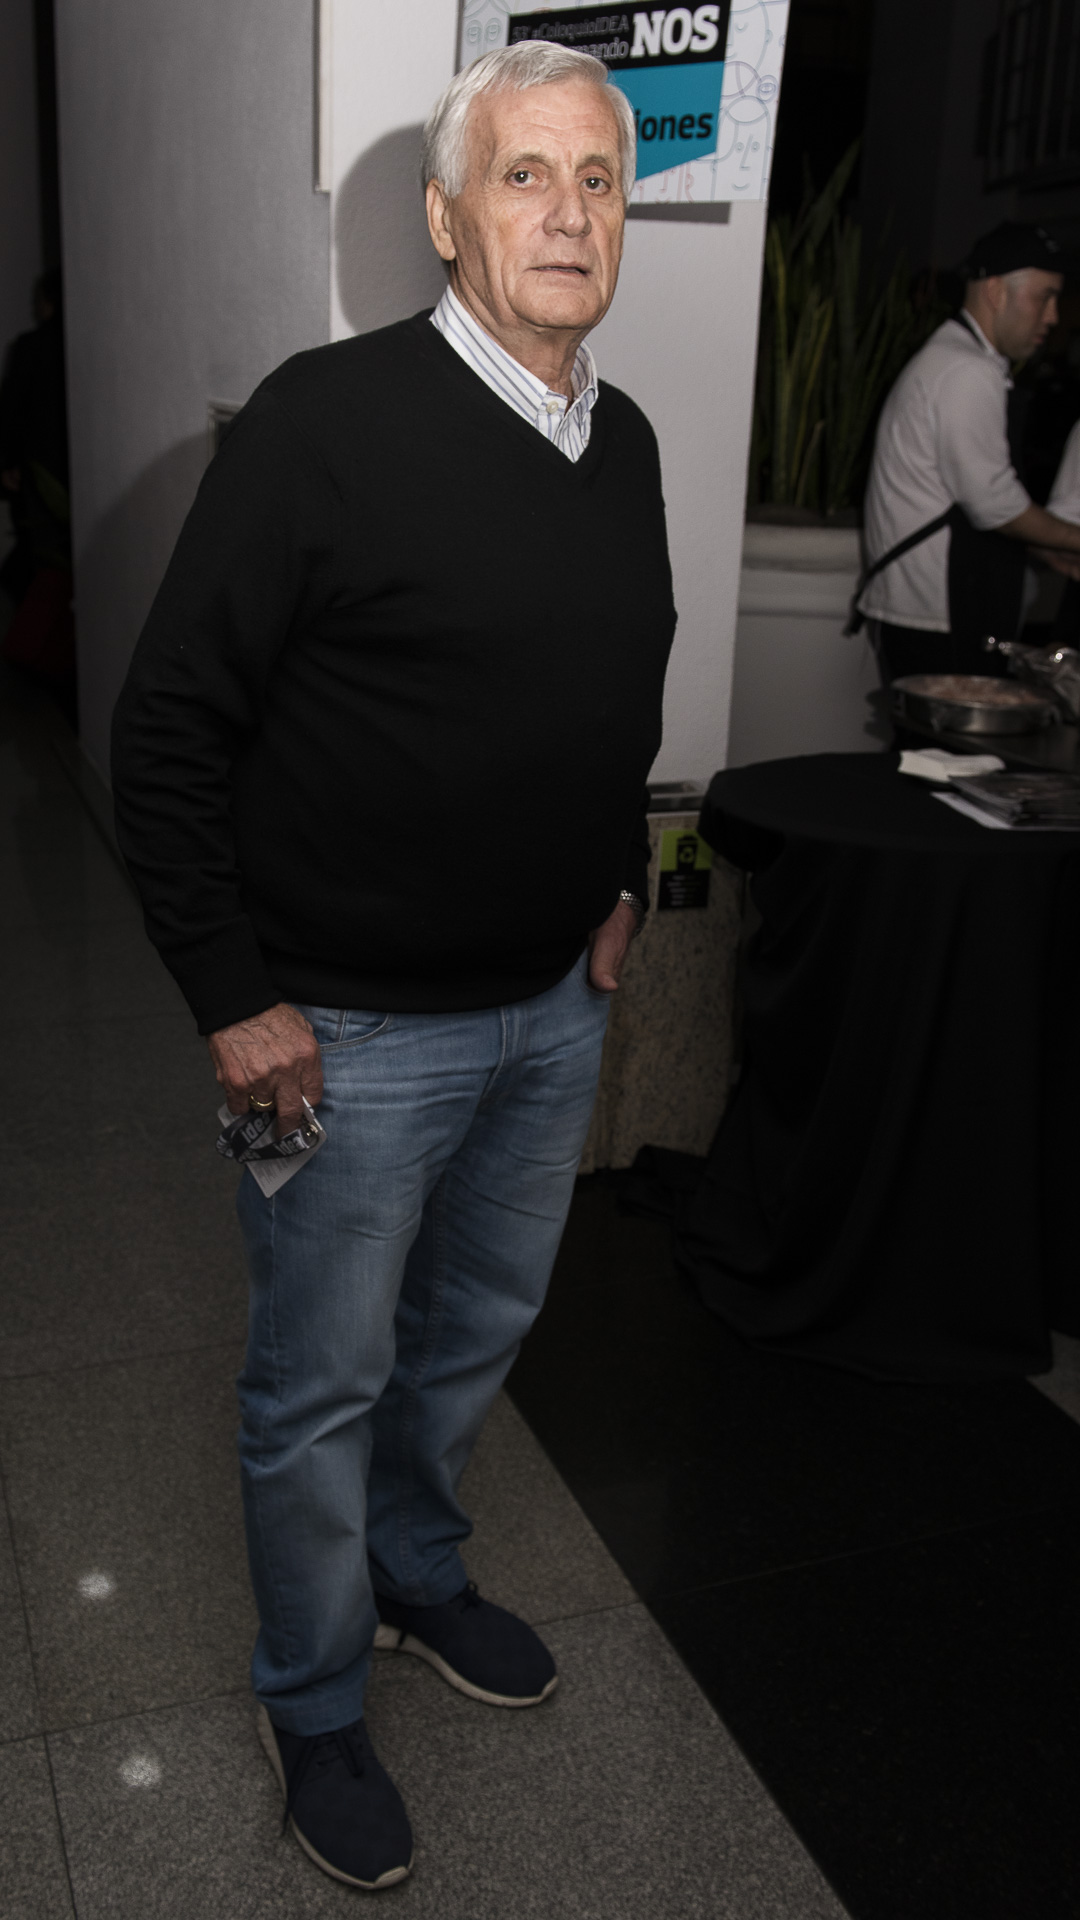 El sindicalista de la CGT Antonio Caló